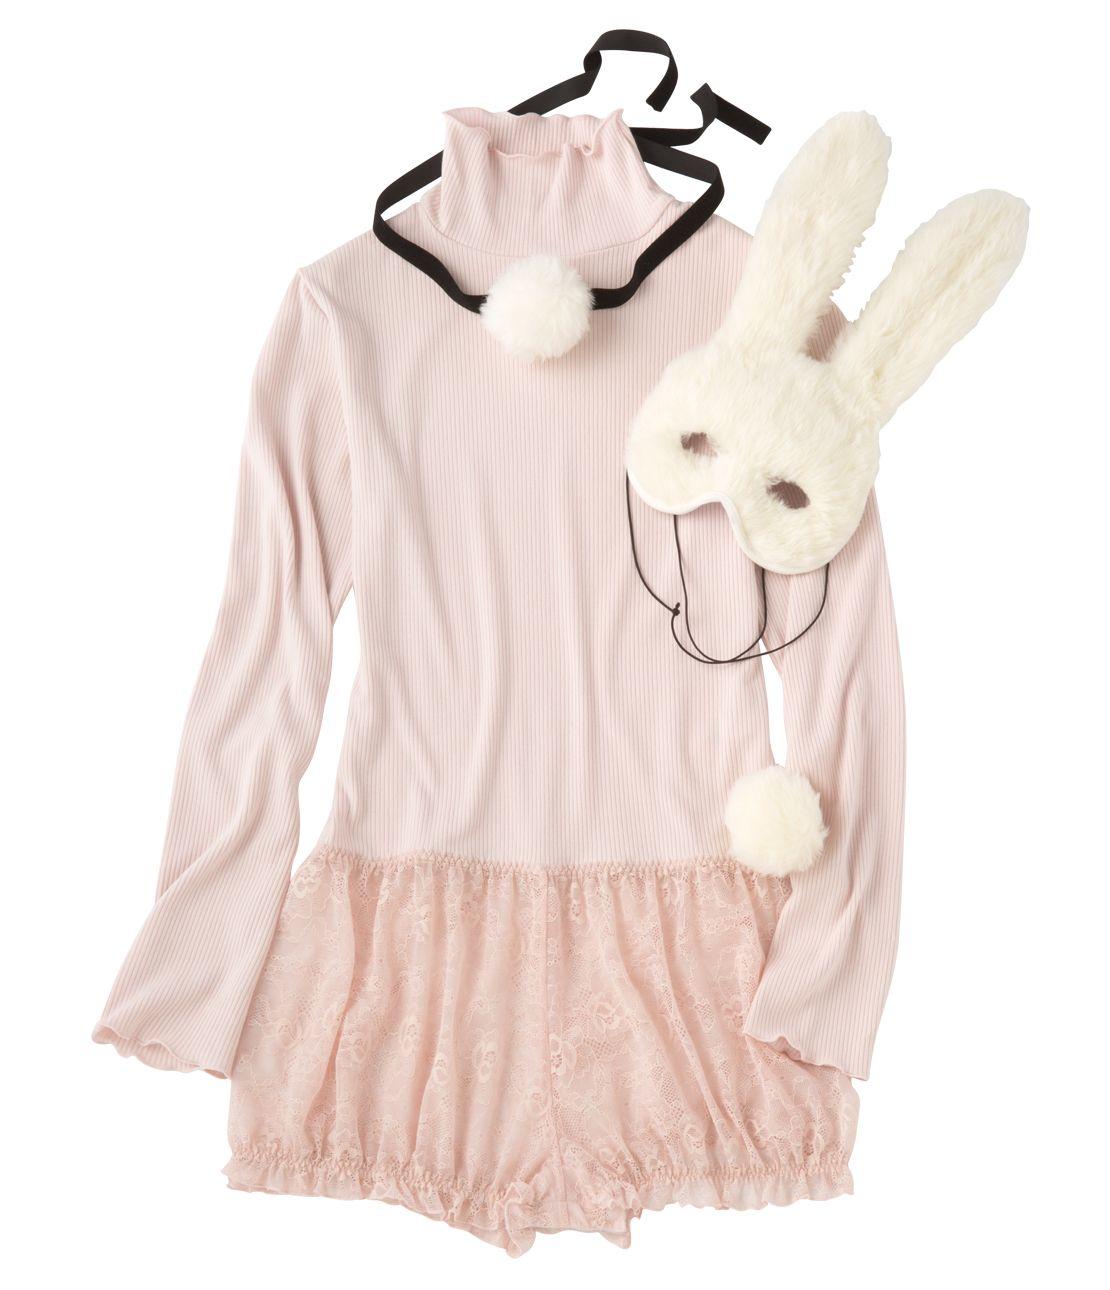 YM My bunny body set